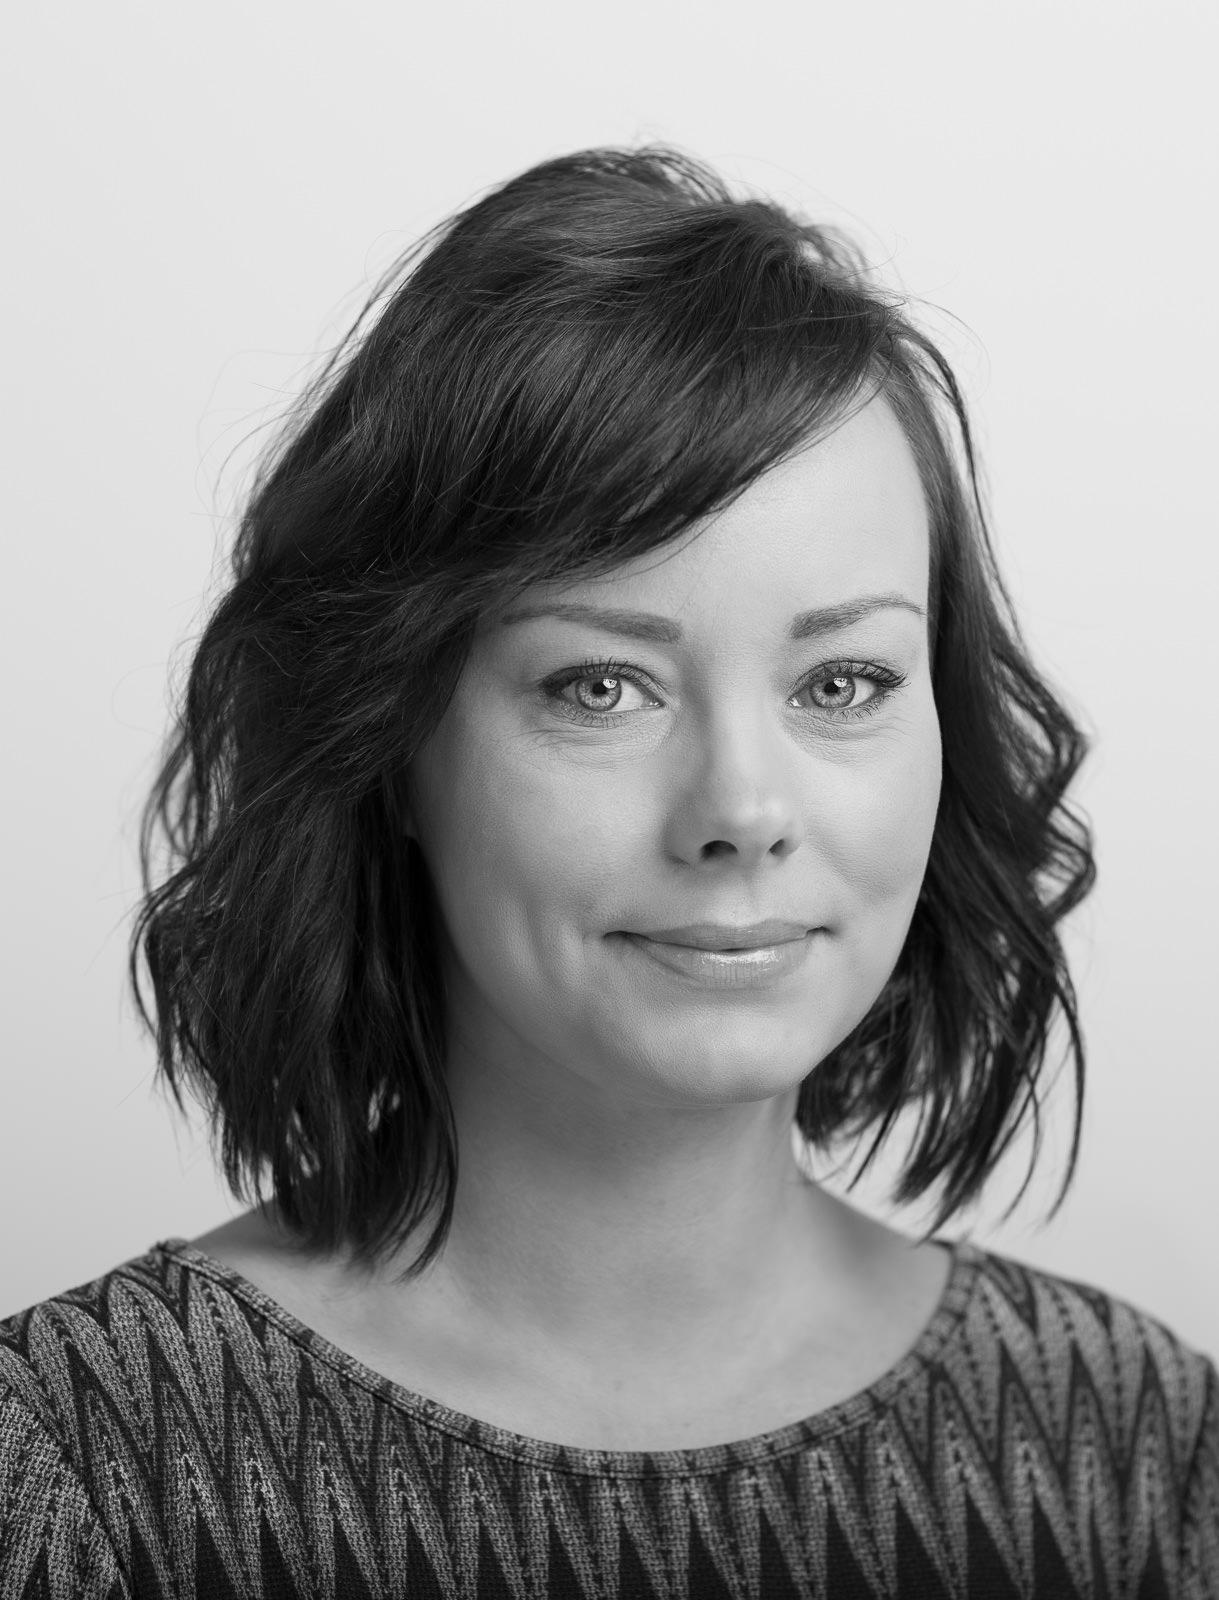 porträtt-fotograf-umeå-18.jpg